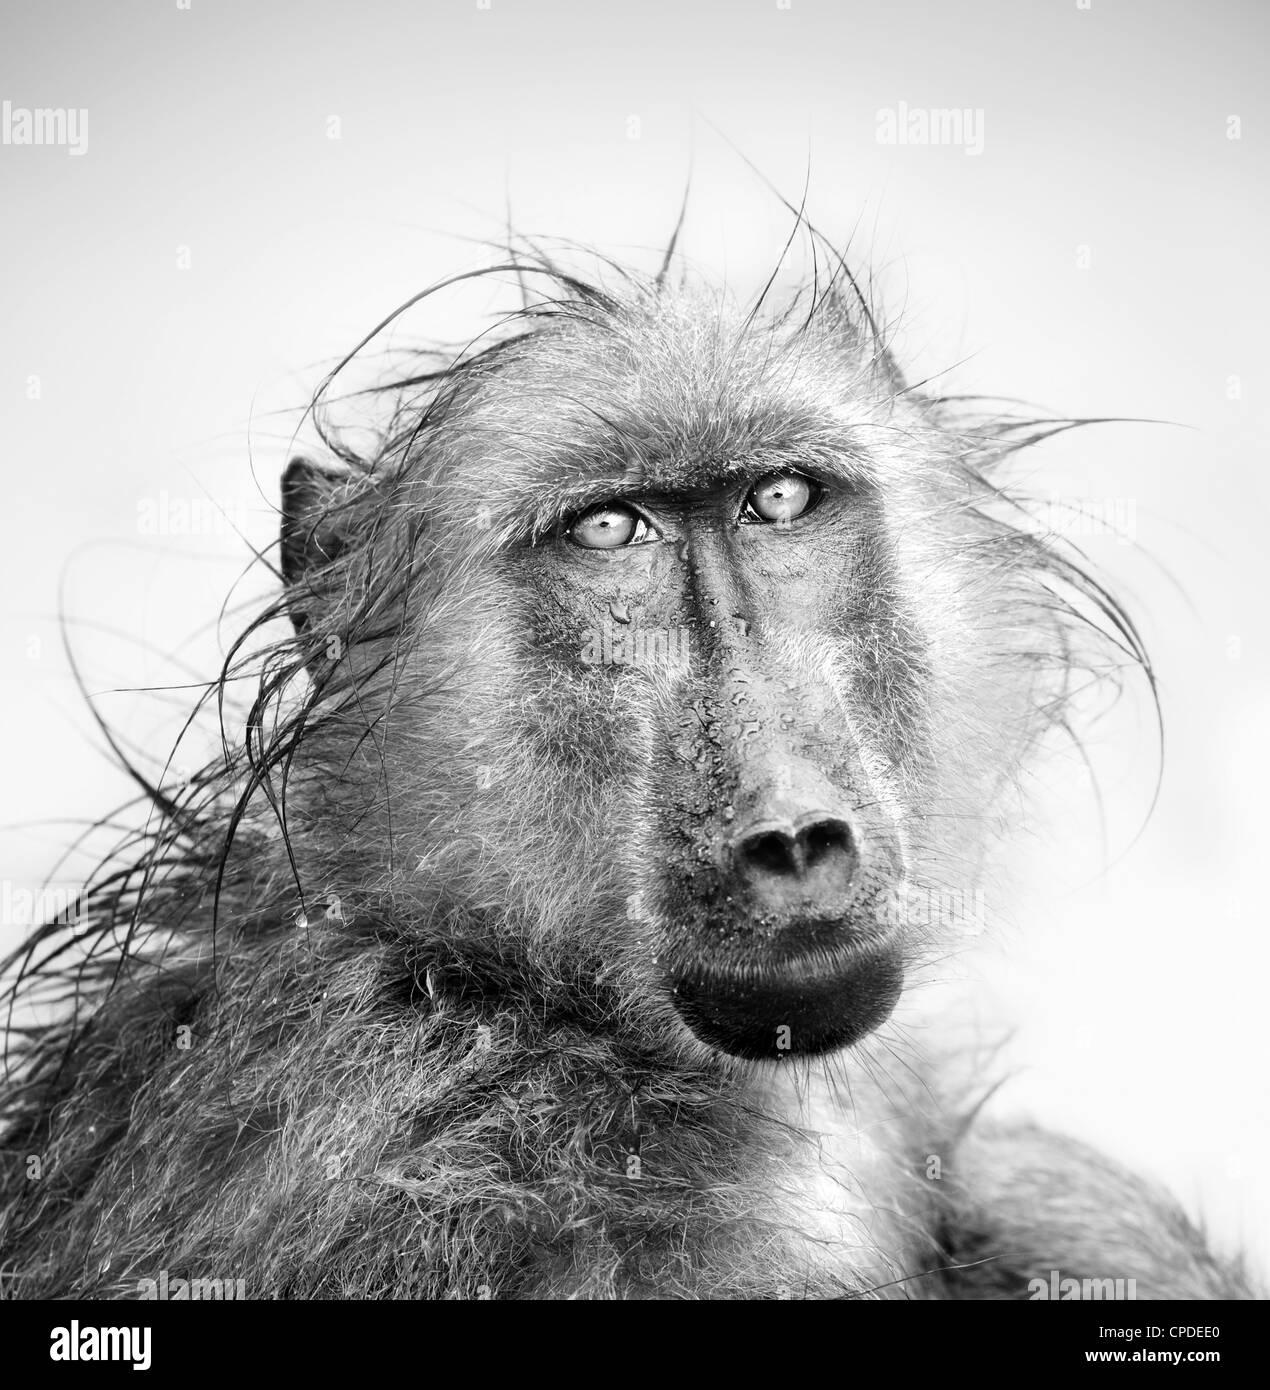 Le babouin dans la pluie (traitement artistique) Banque D'Images